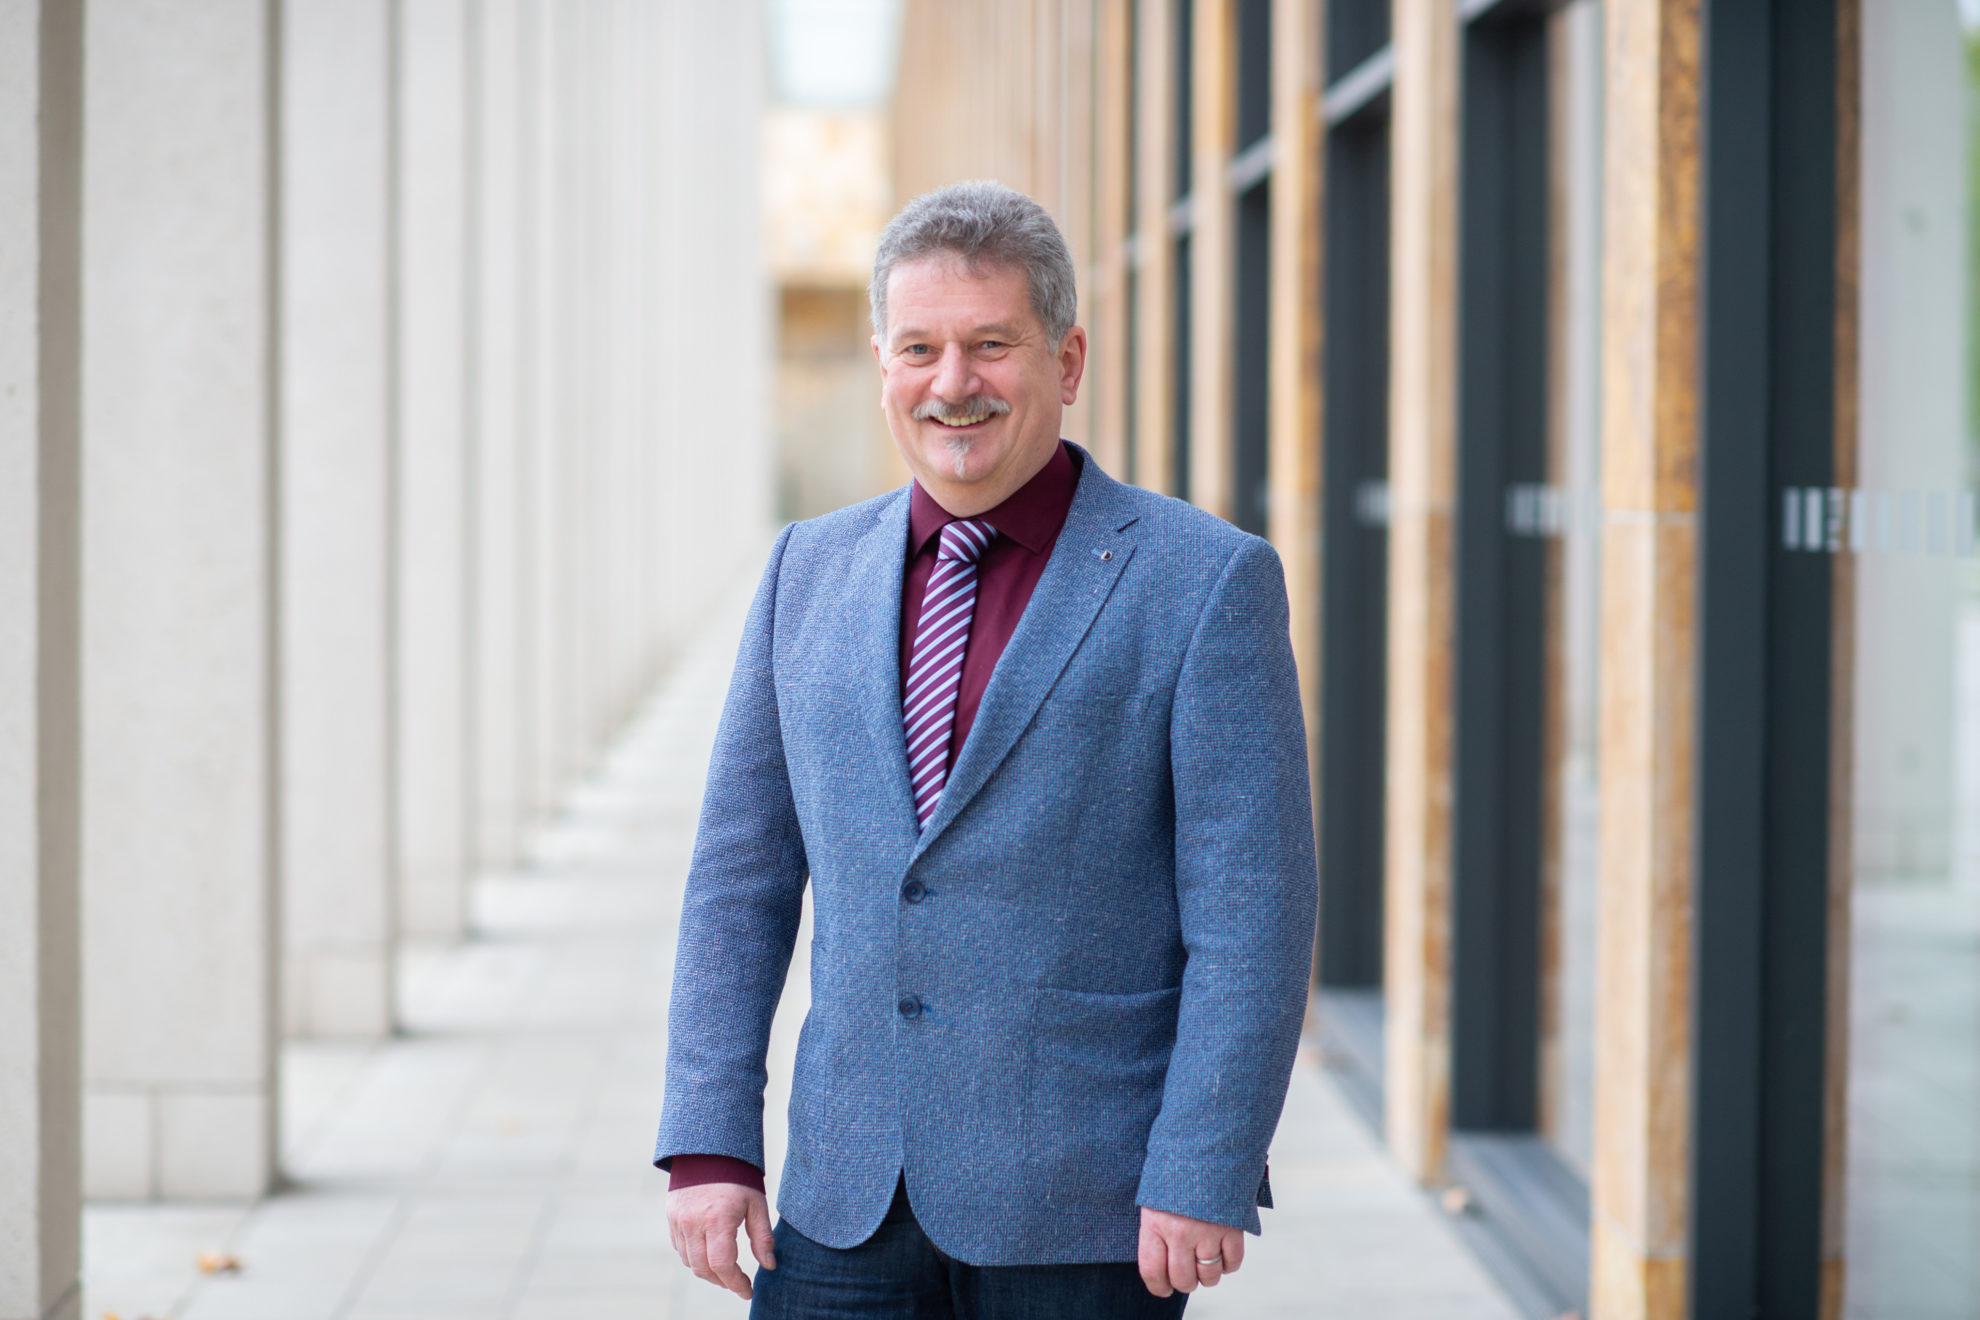 Urban Egert, Kandidat für die Wahl zur Stadtverordnetenversammlung am 14.03.2021